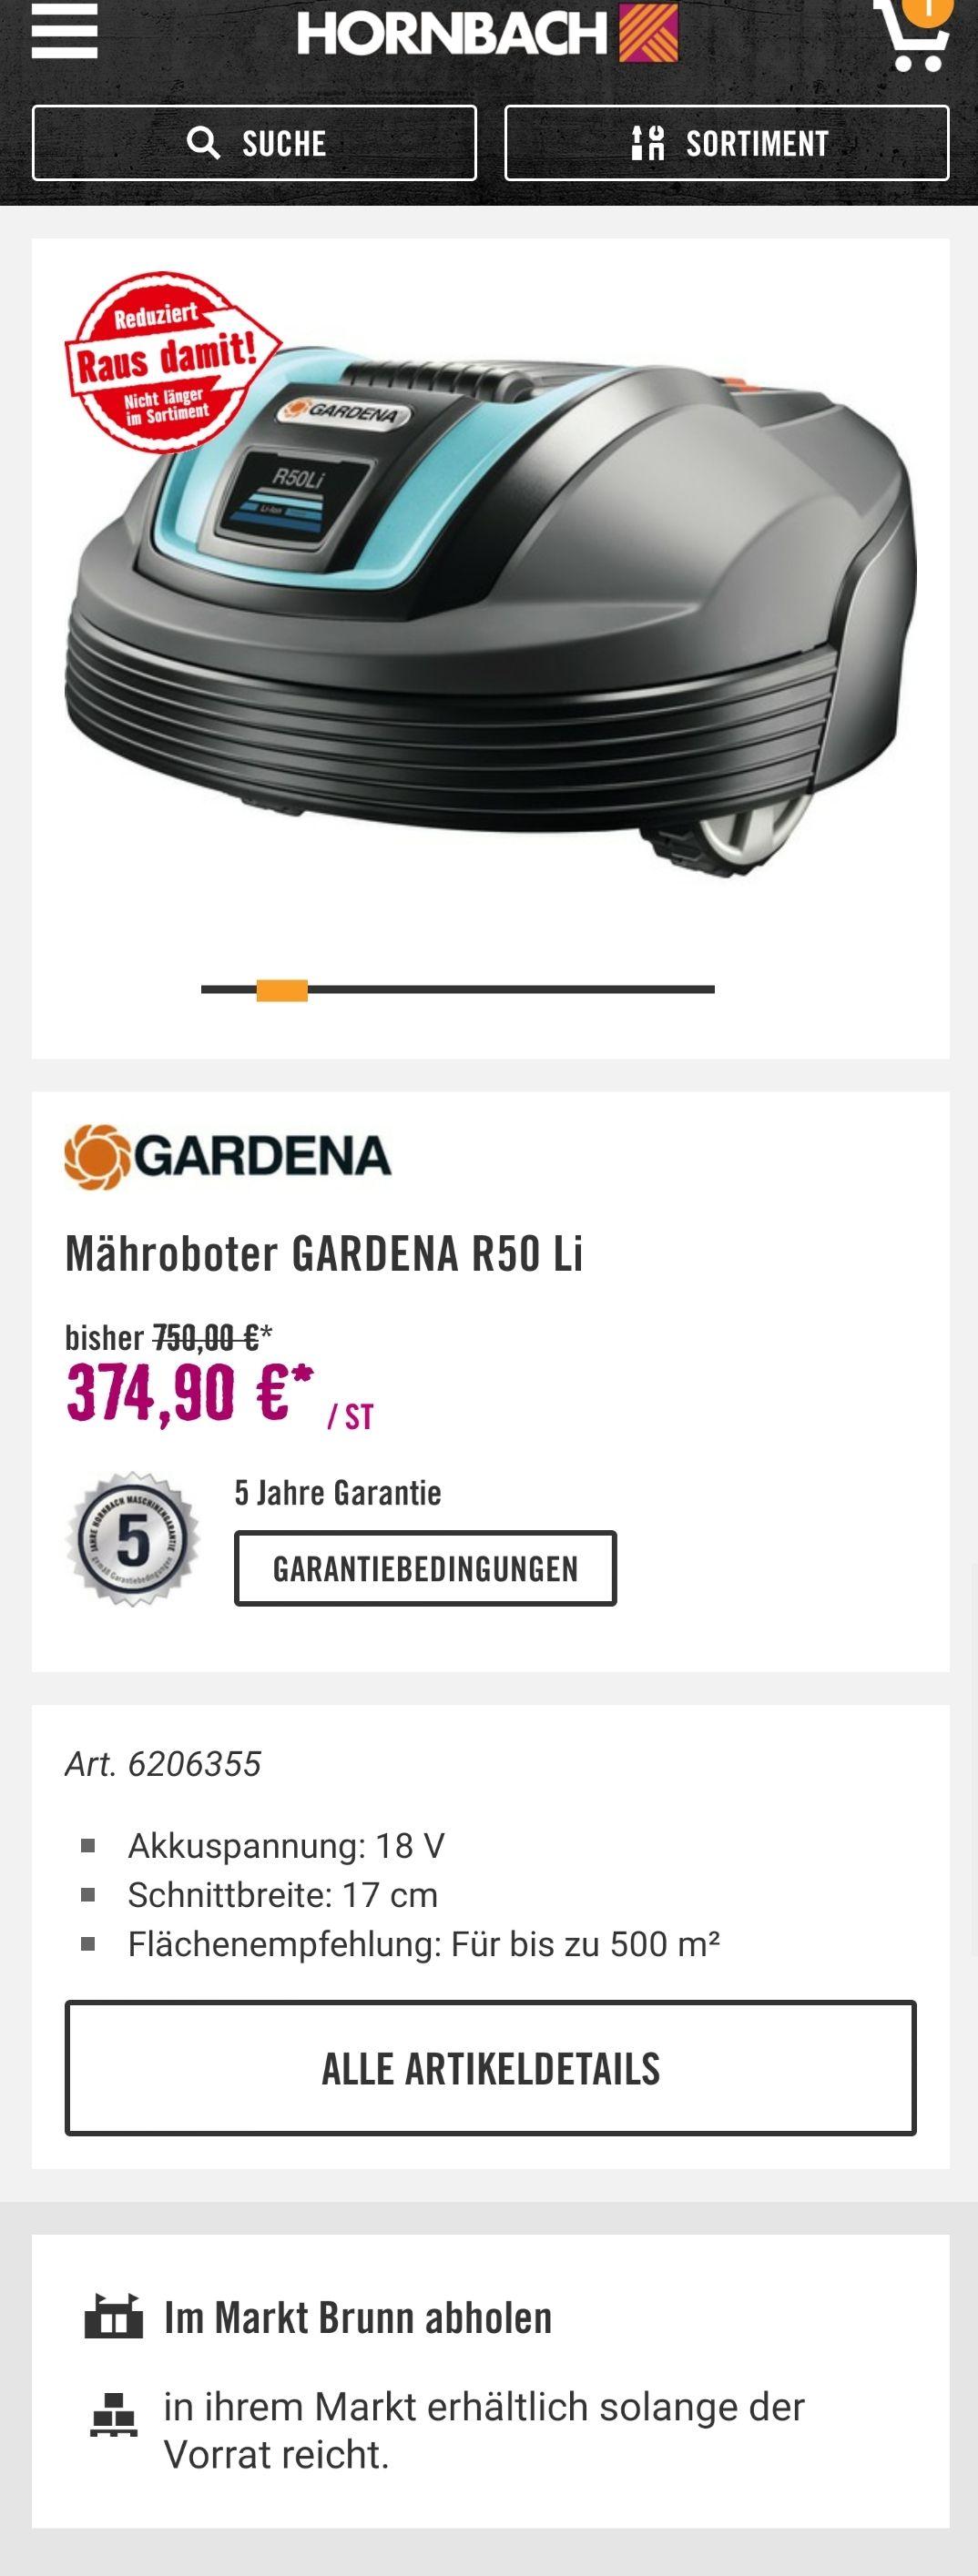 *LOKAL* Gardena R50Li abverkauf Hornbach Brunn am gebirge